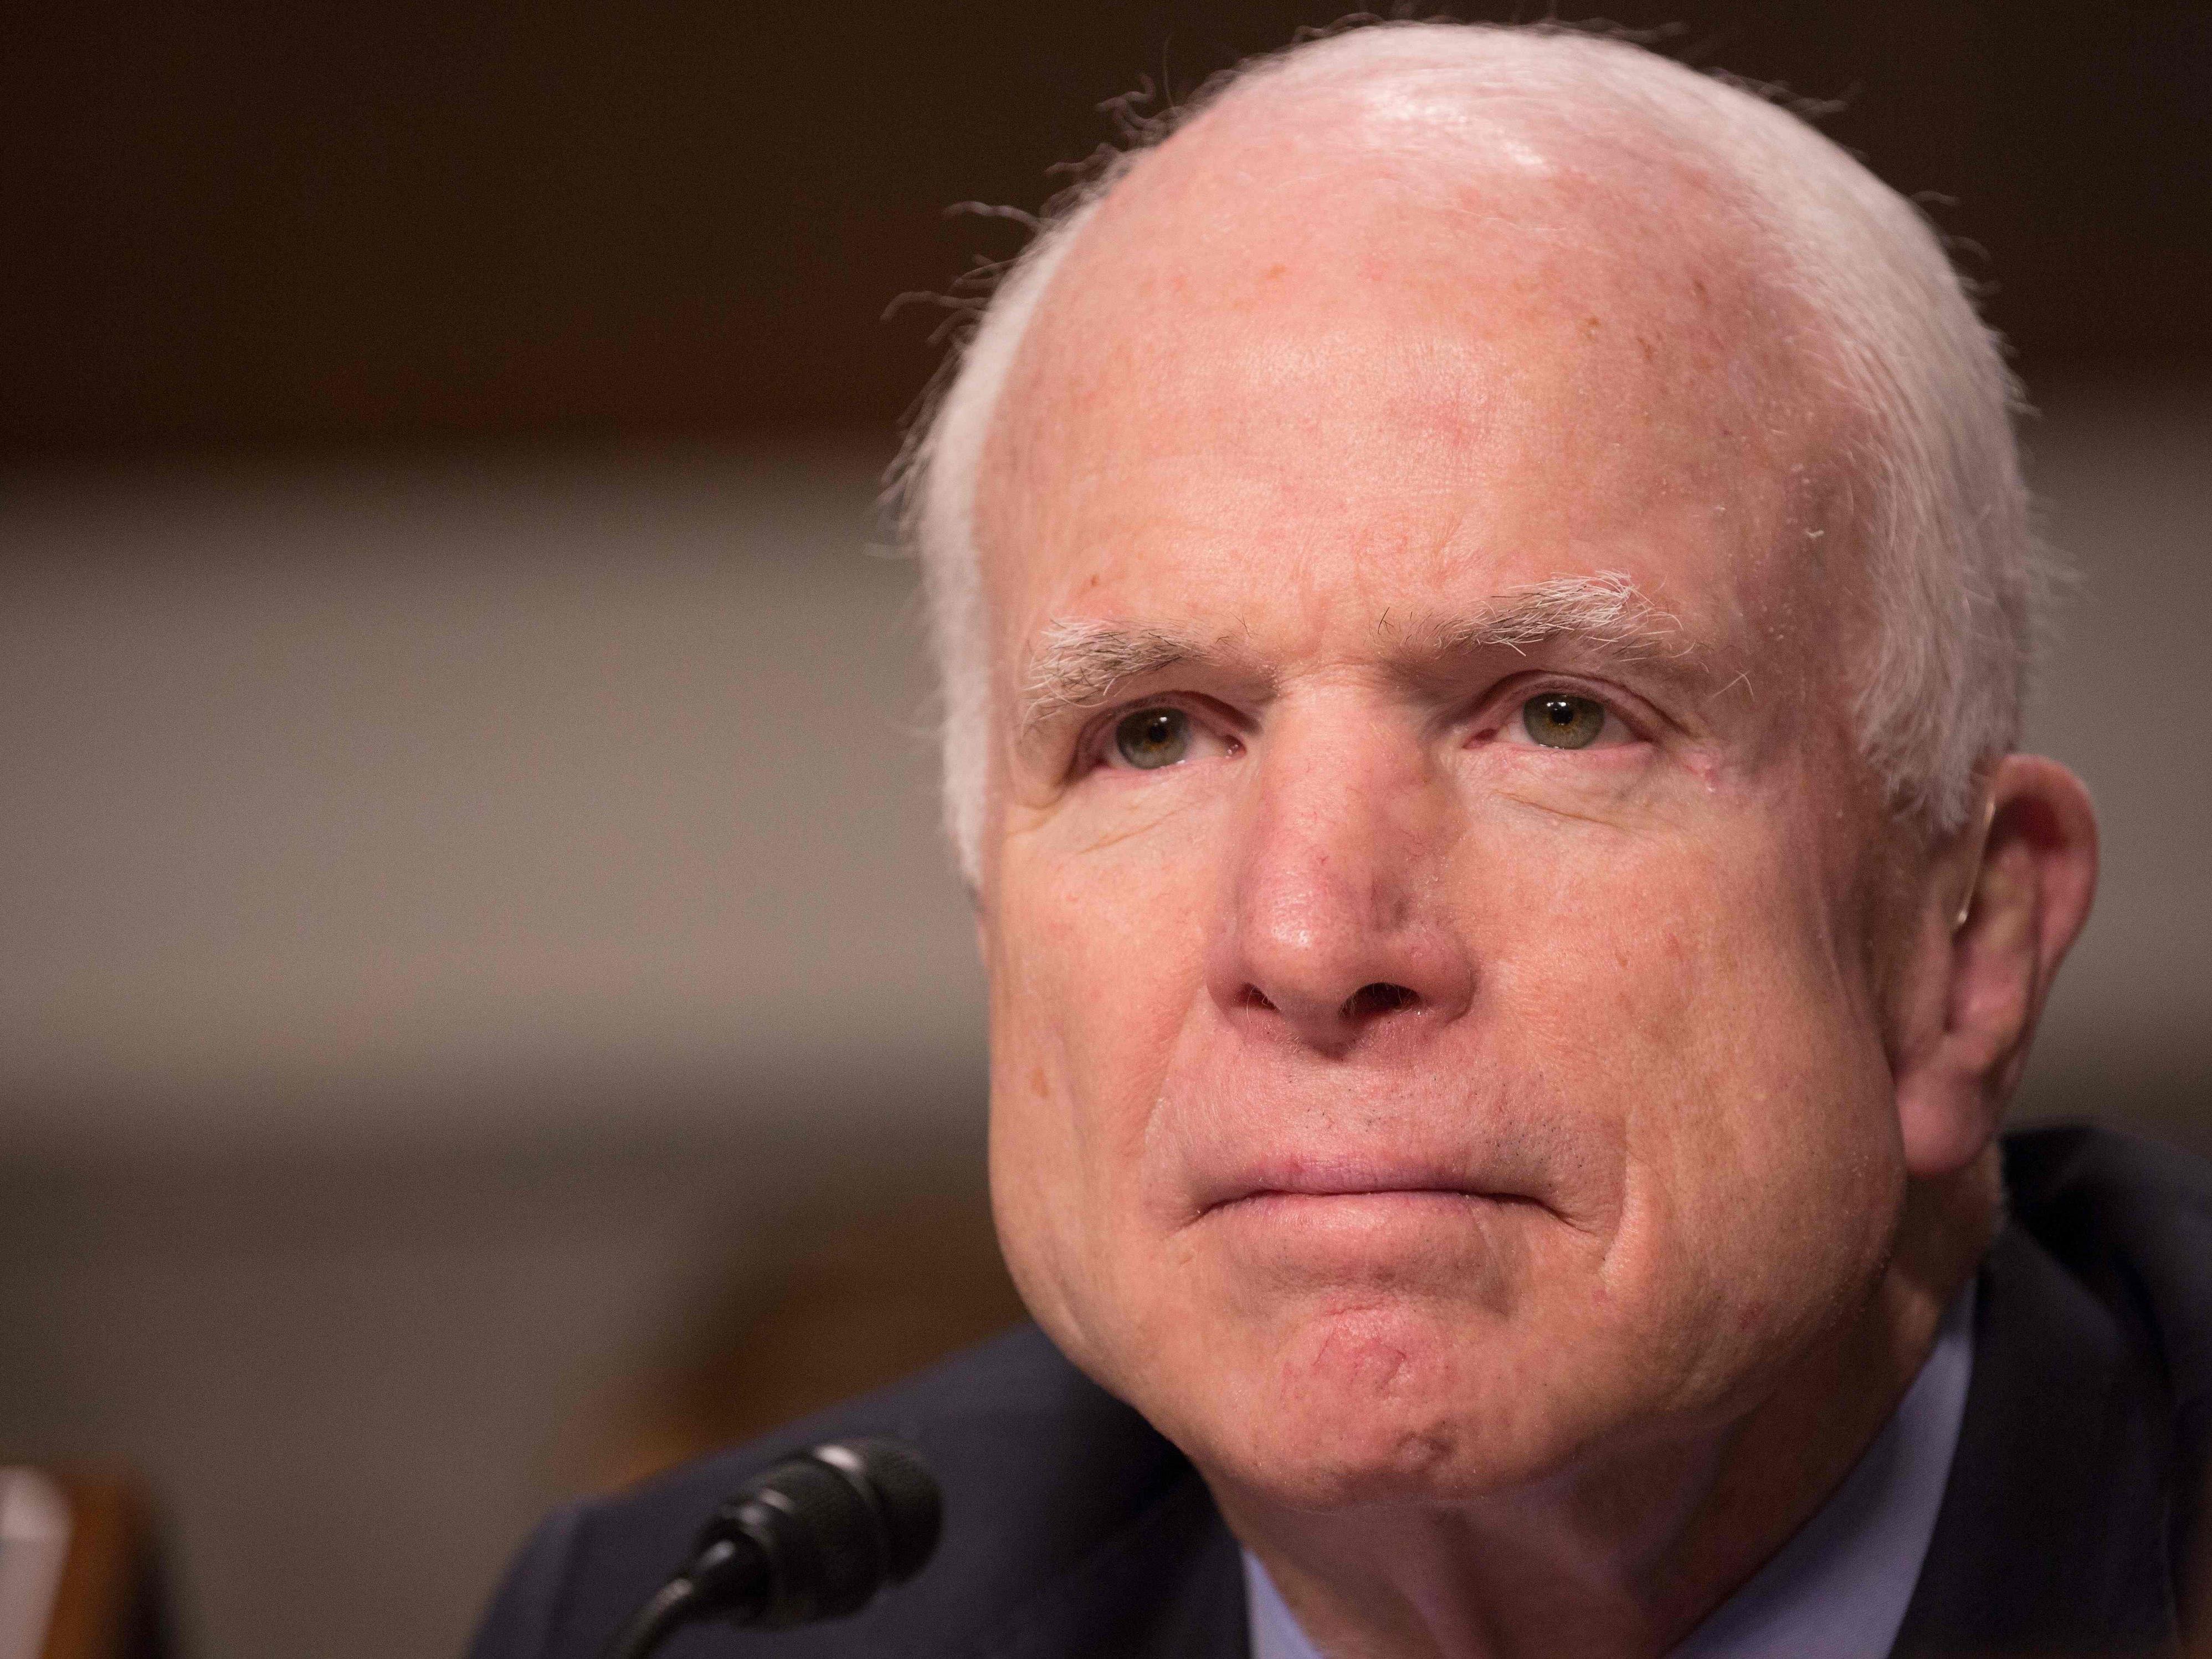 US-Senator verweist auf mutmaßliche russische Einflussnahme auf Präsidentenwahl.